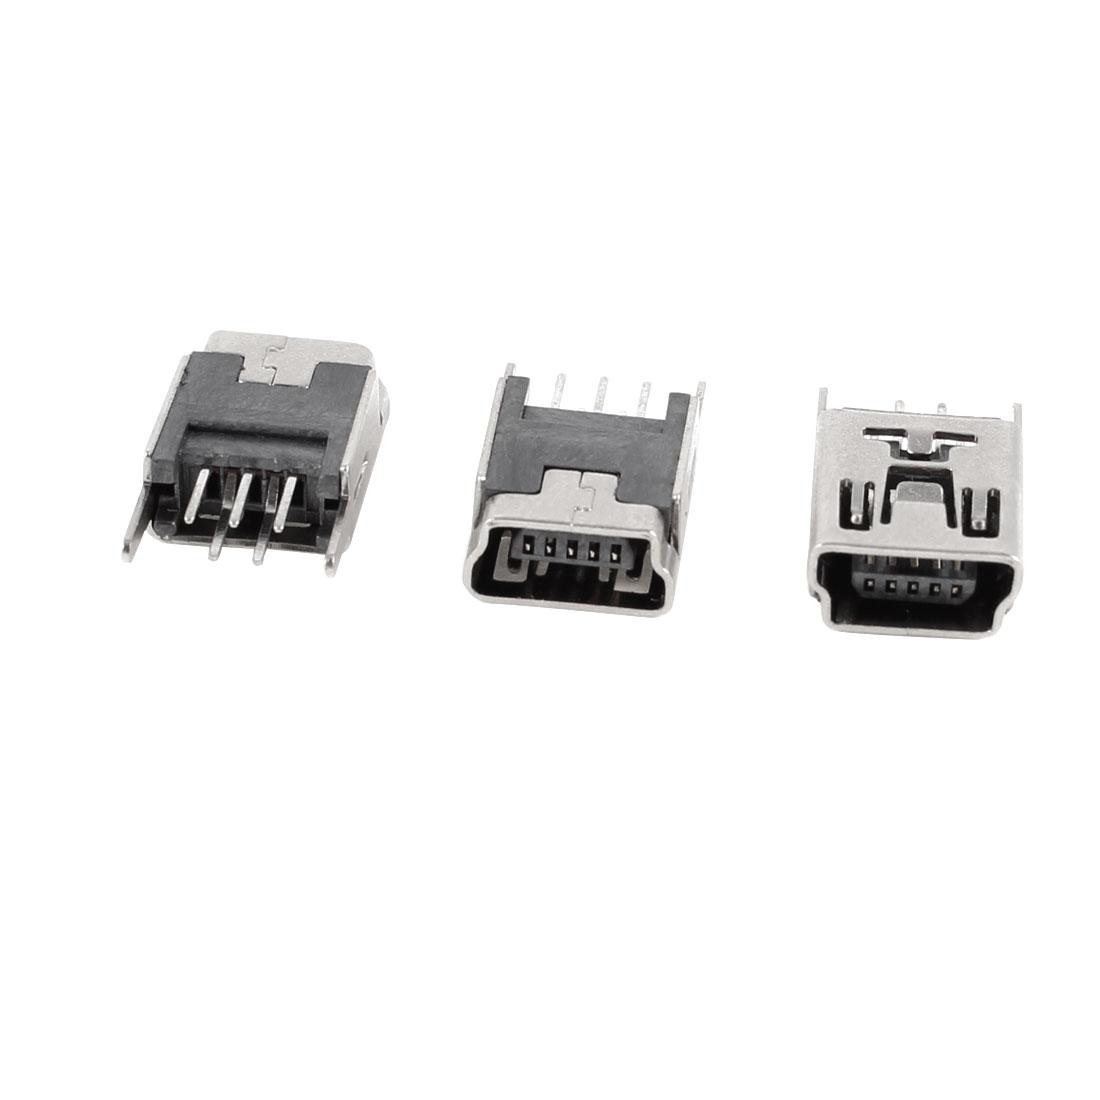 3 Pcs Mini USB Type B Female Socket 5-Pin 180 Degree DIP Jack Connector